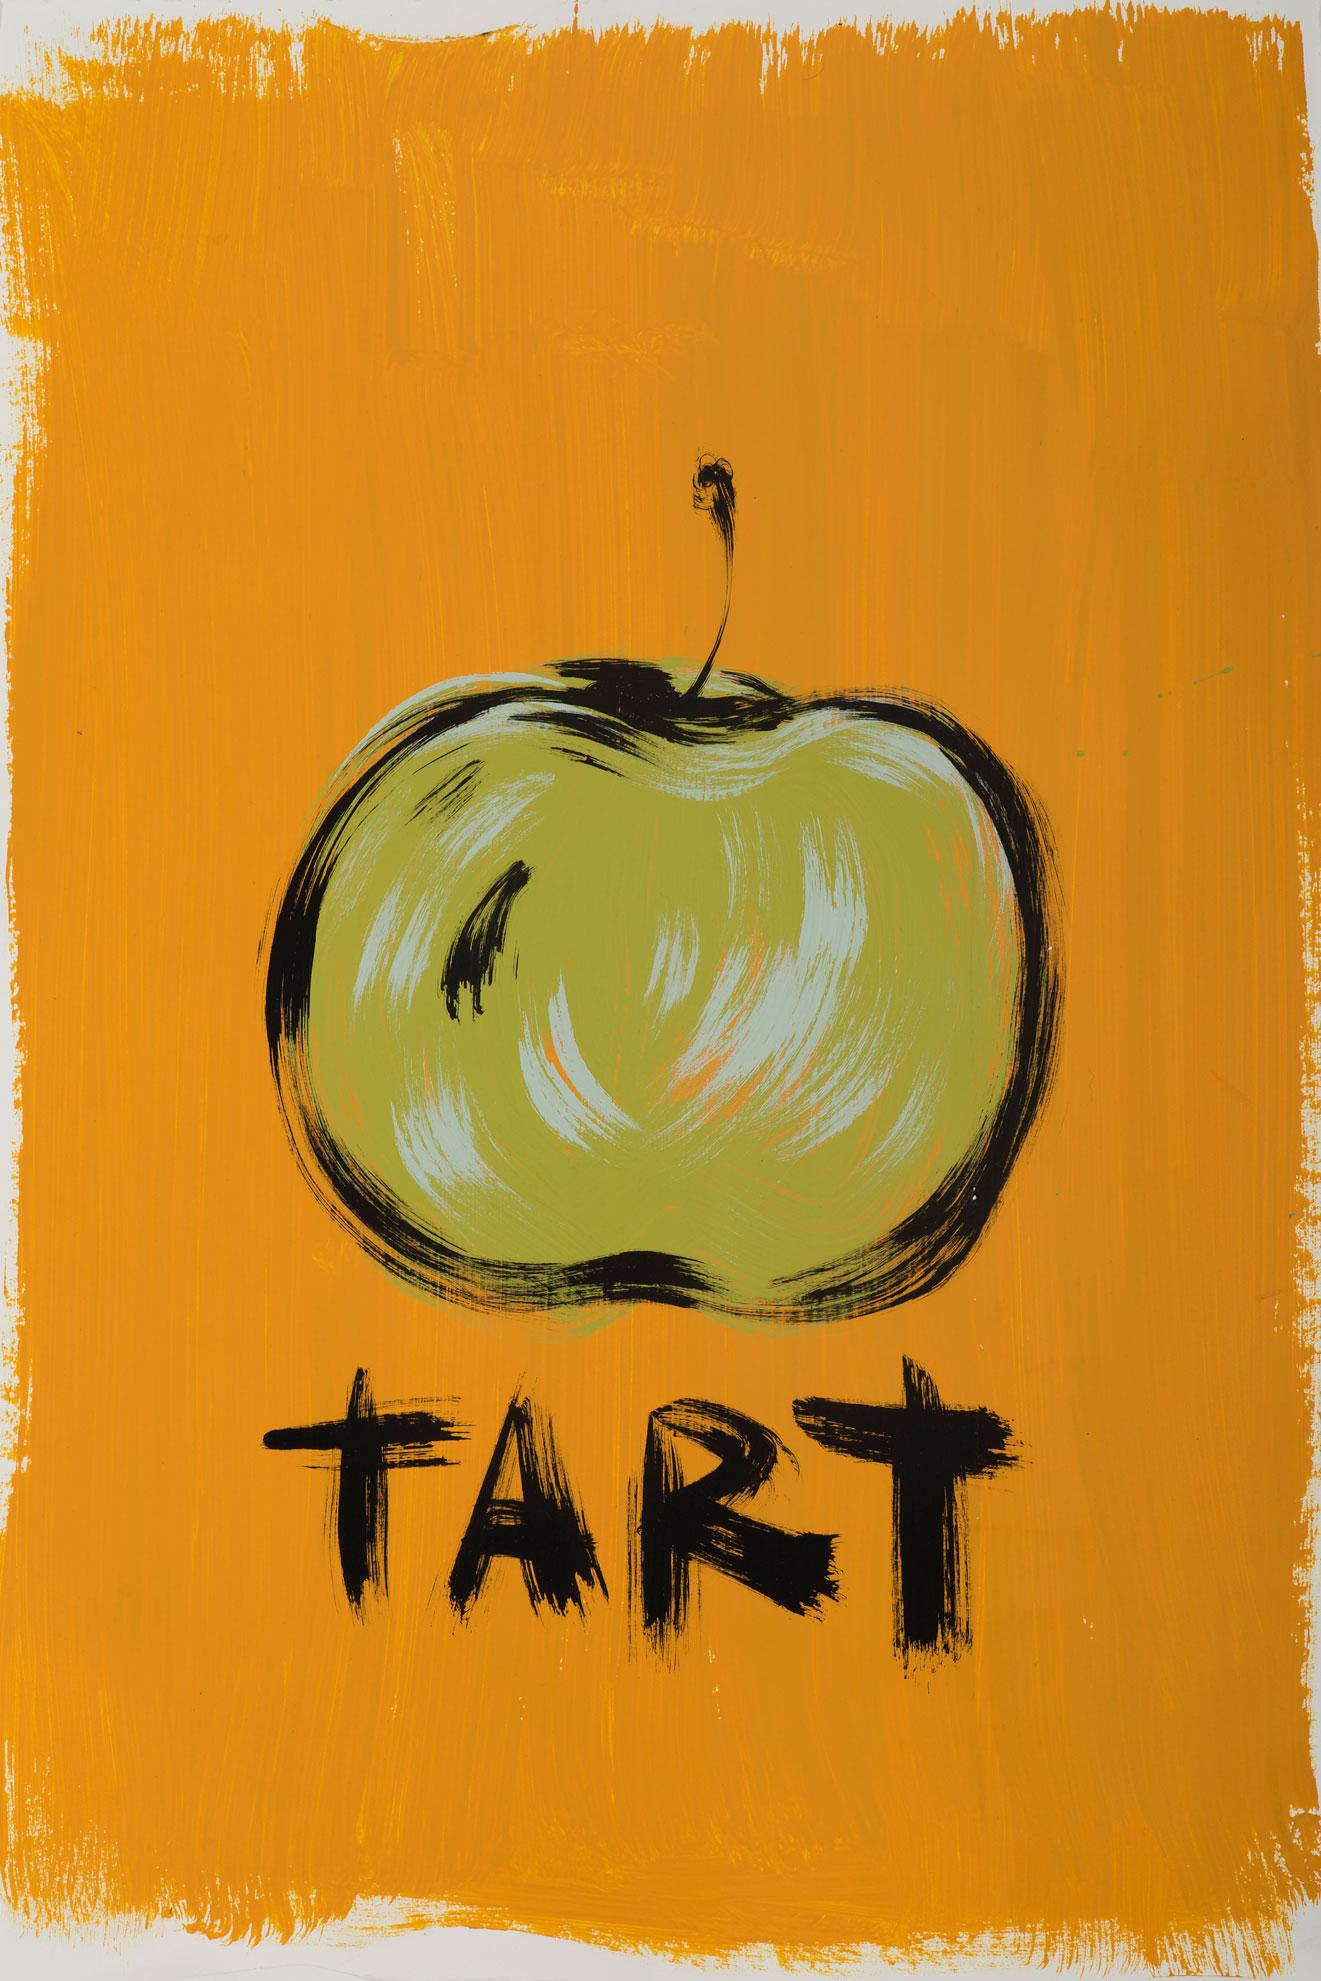 Russ Pope, Tart, 2016, acrylic on paper, 67,5x45 cm